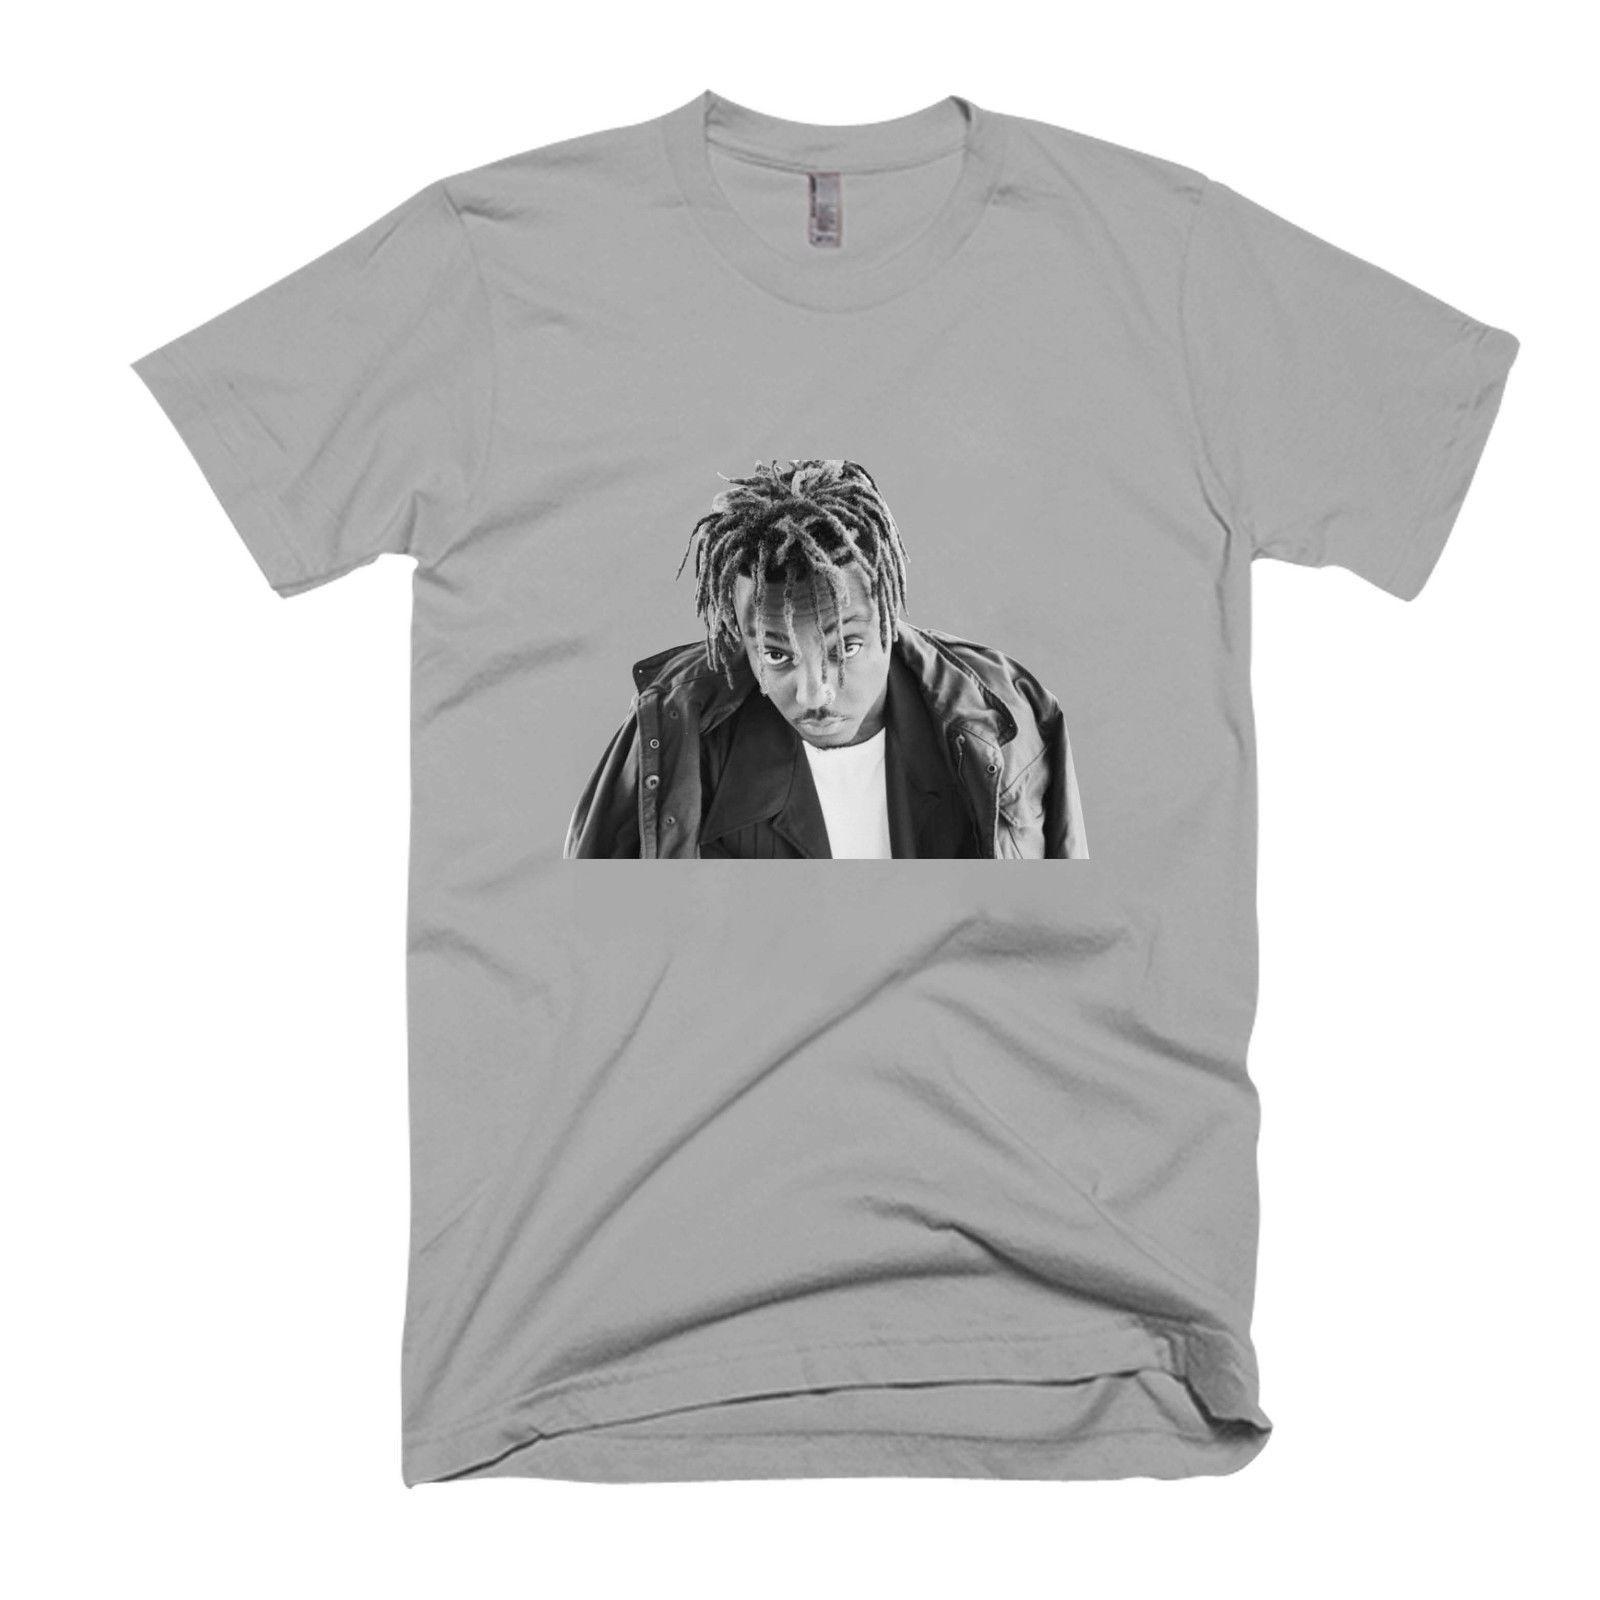 1adc22ac5e8e9 Acheter Juice WRLD Drops Tee Shirt Homme / Femme Tees Jersey Personnalisé  Sweat À Capuche Hip Hop De $11.78 Du Twelfcup | DHgate.Com